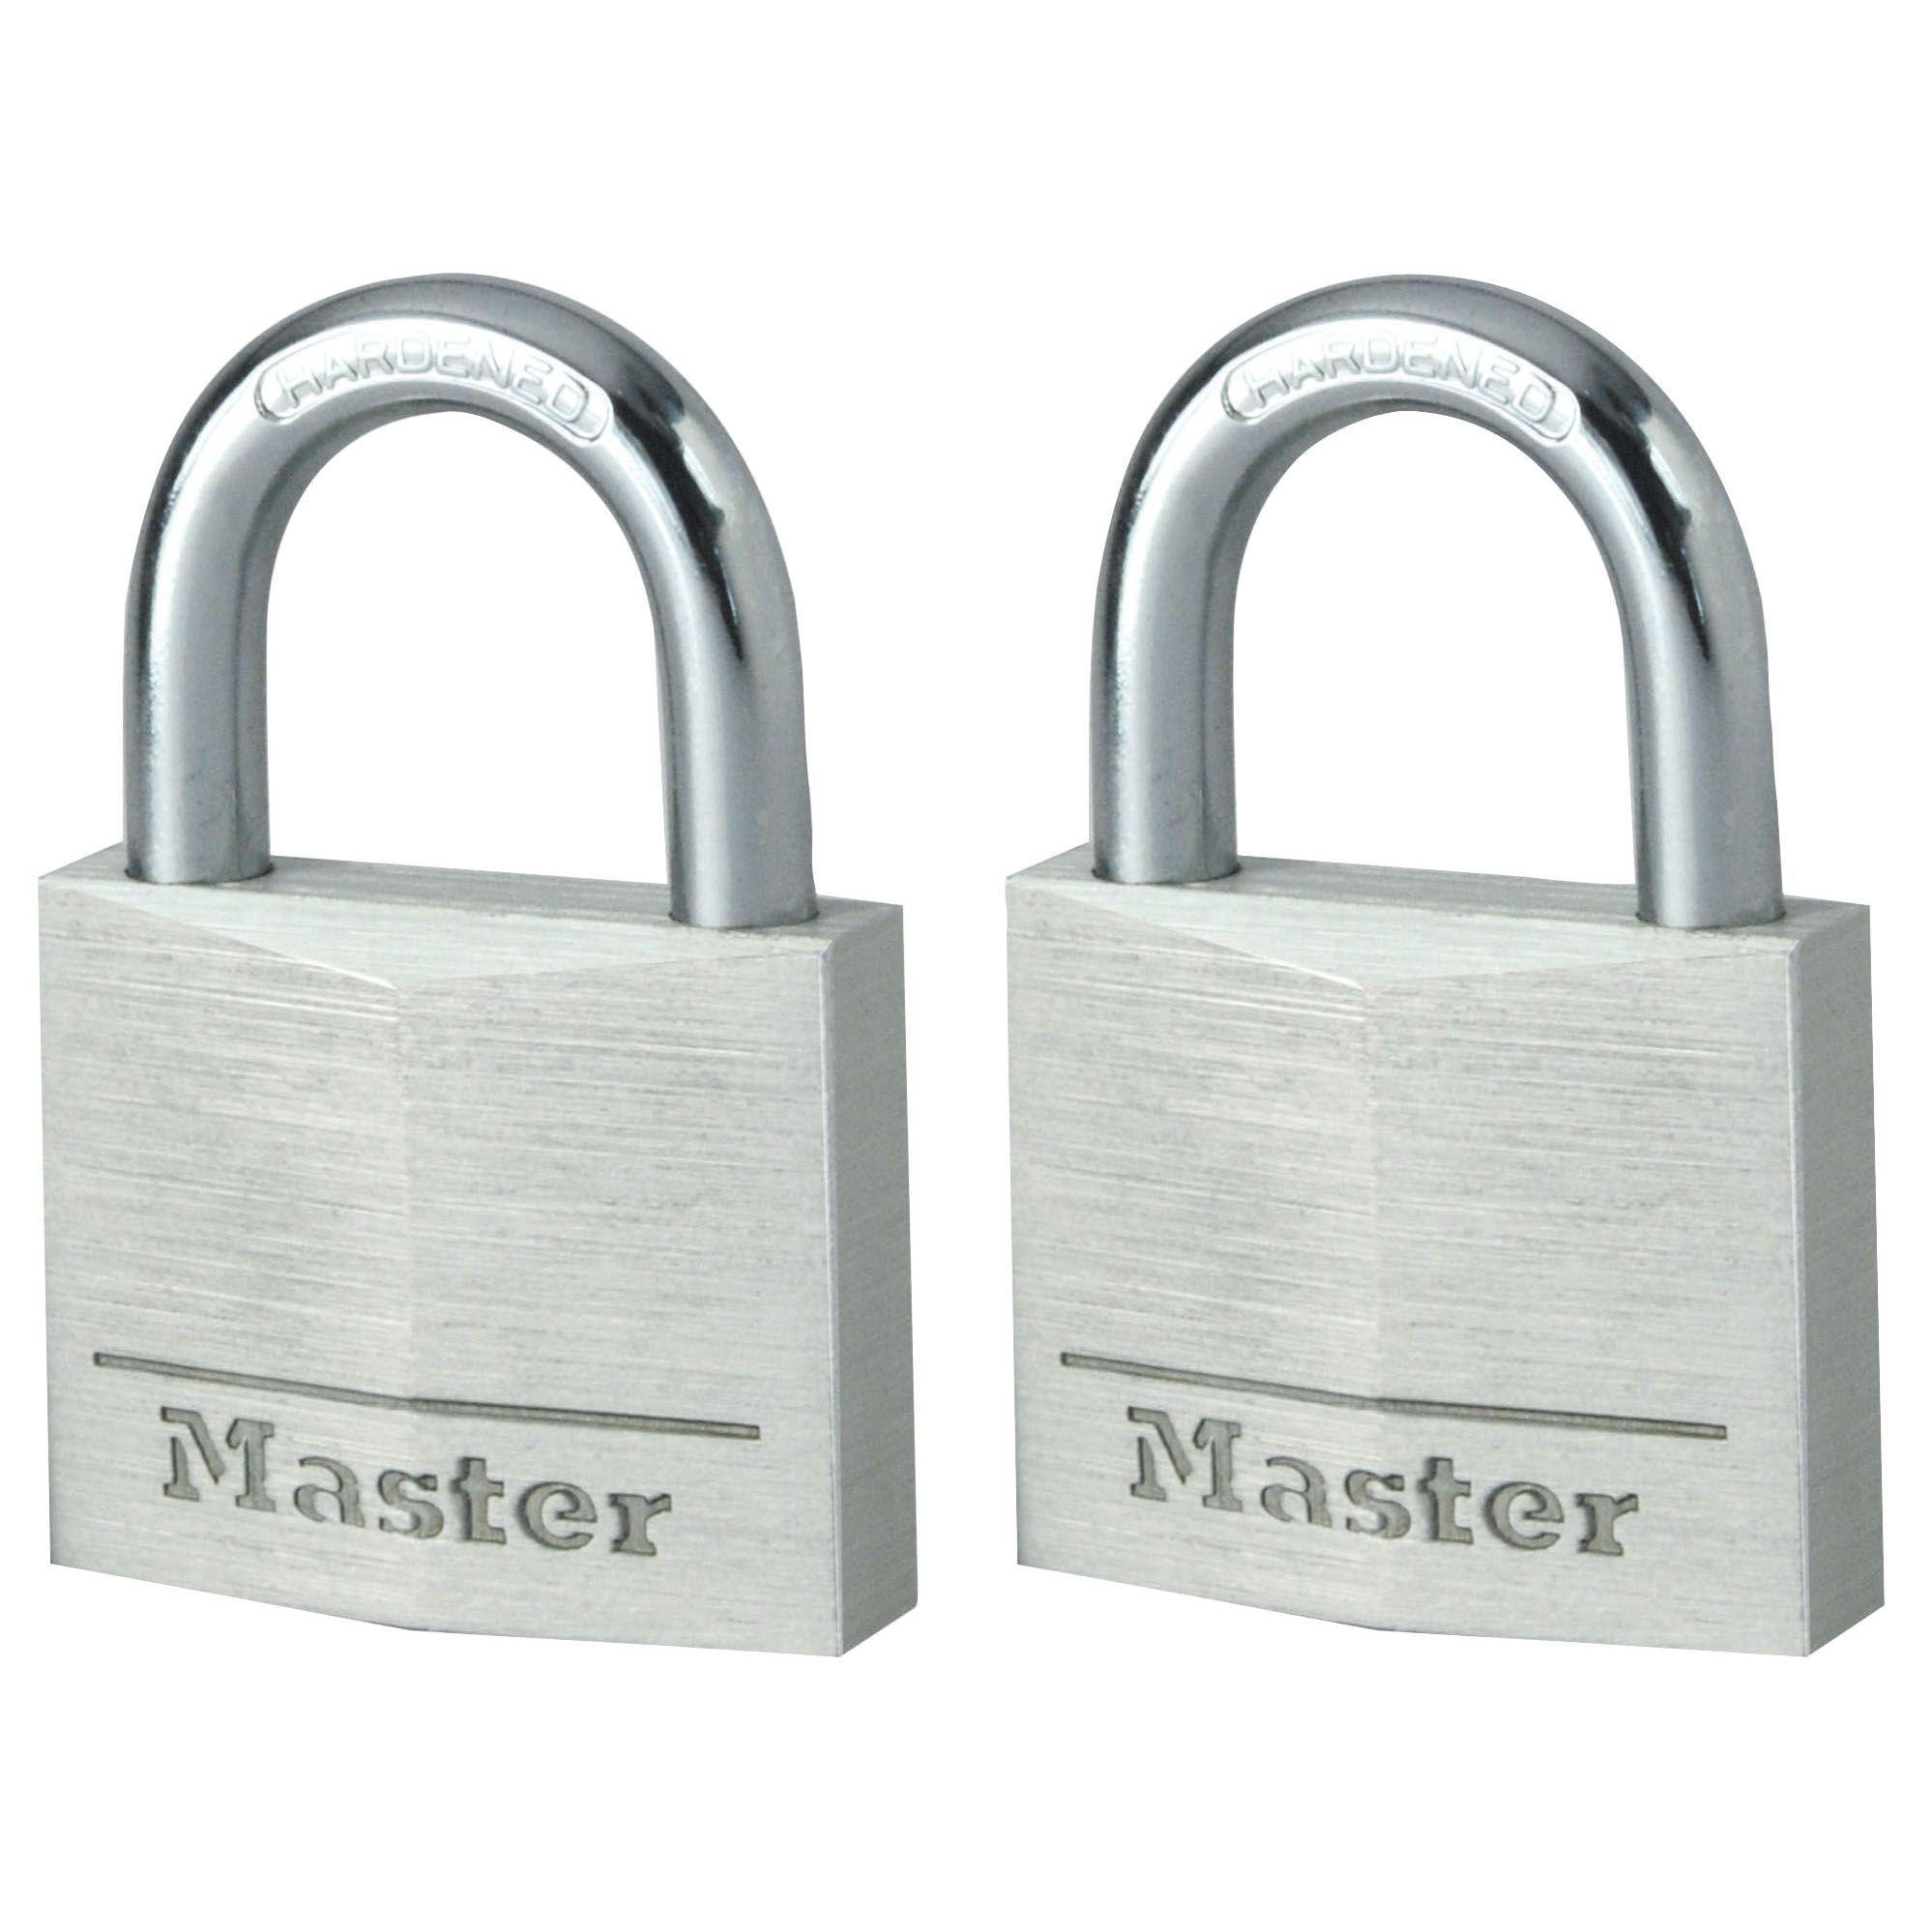 Master Lock Aluminium Pin Tumbler Open Shackle Padlock (w)40mm, Pack Of 2